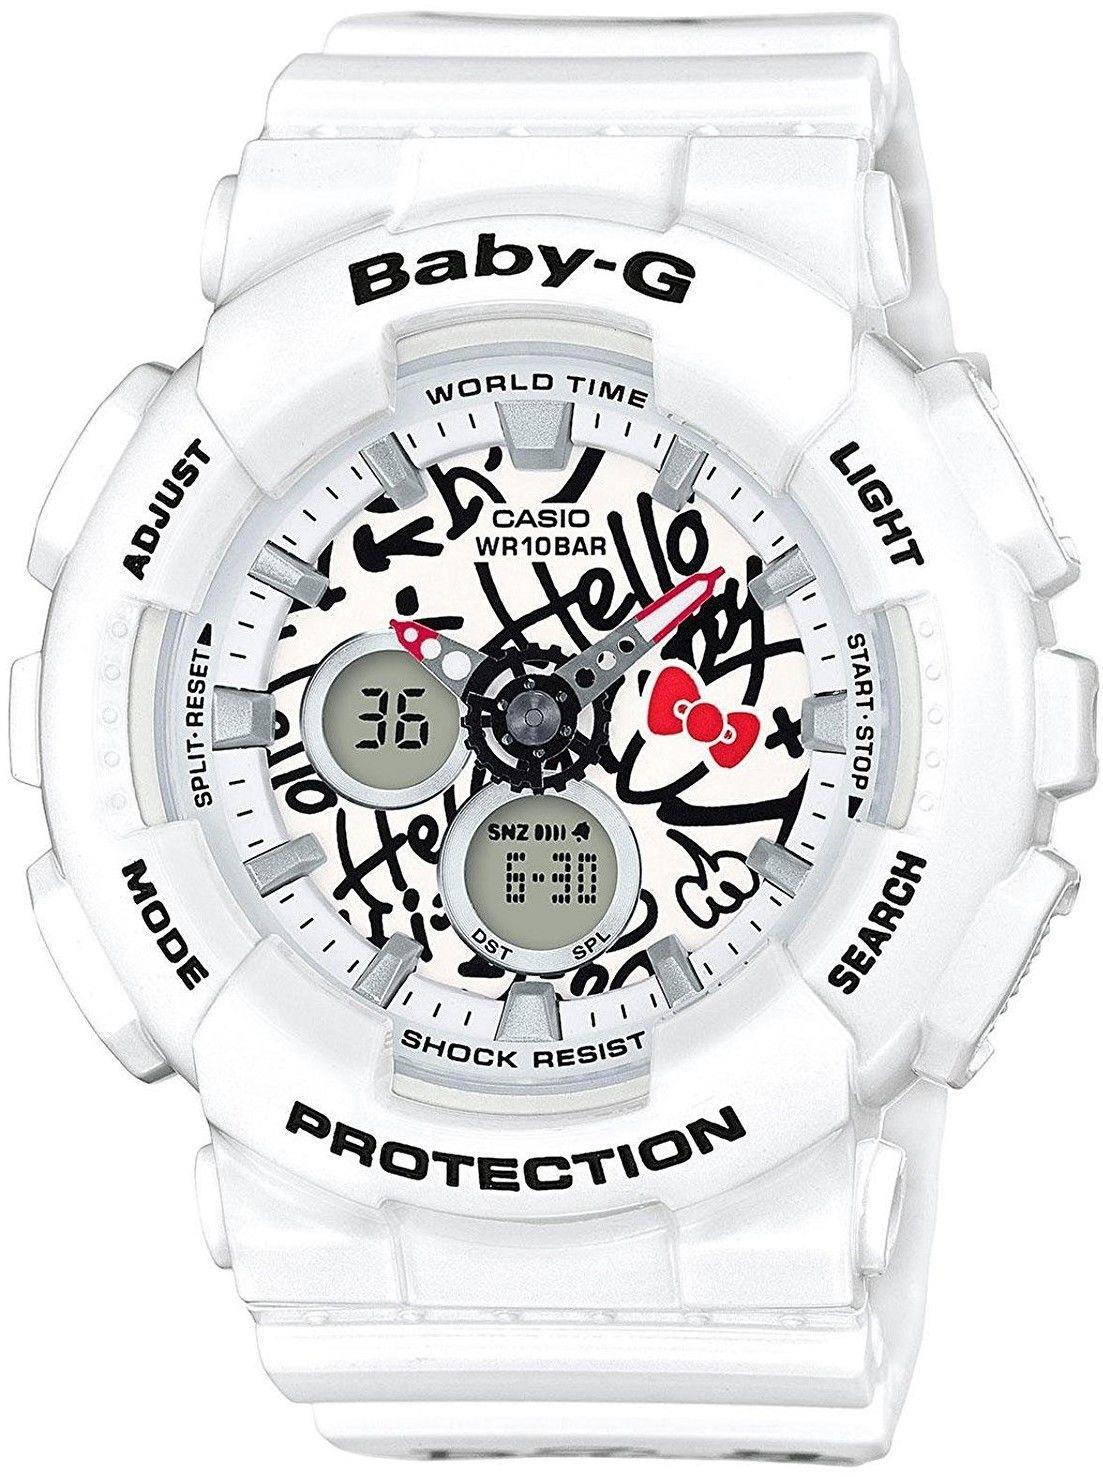 Zegarek Casio BA-120KT-7AER Hello Kitty - CENA DO NEGOCJACJI - DOSTAWA DHL GRATIS, KUPUJ BEZ RYZYKA - 100 dni na zwrot, możliwość wygrawerowania dowolnego tekstu.